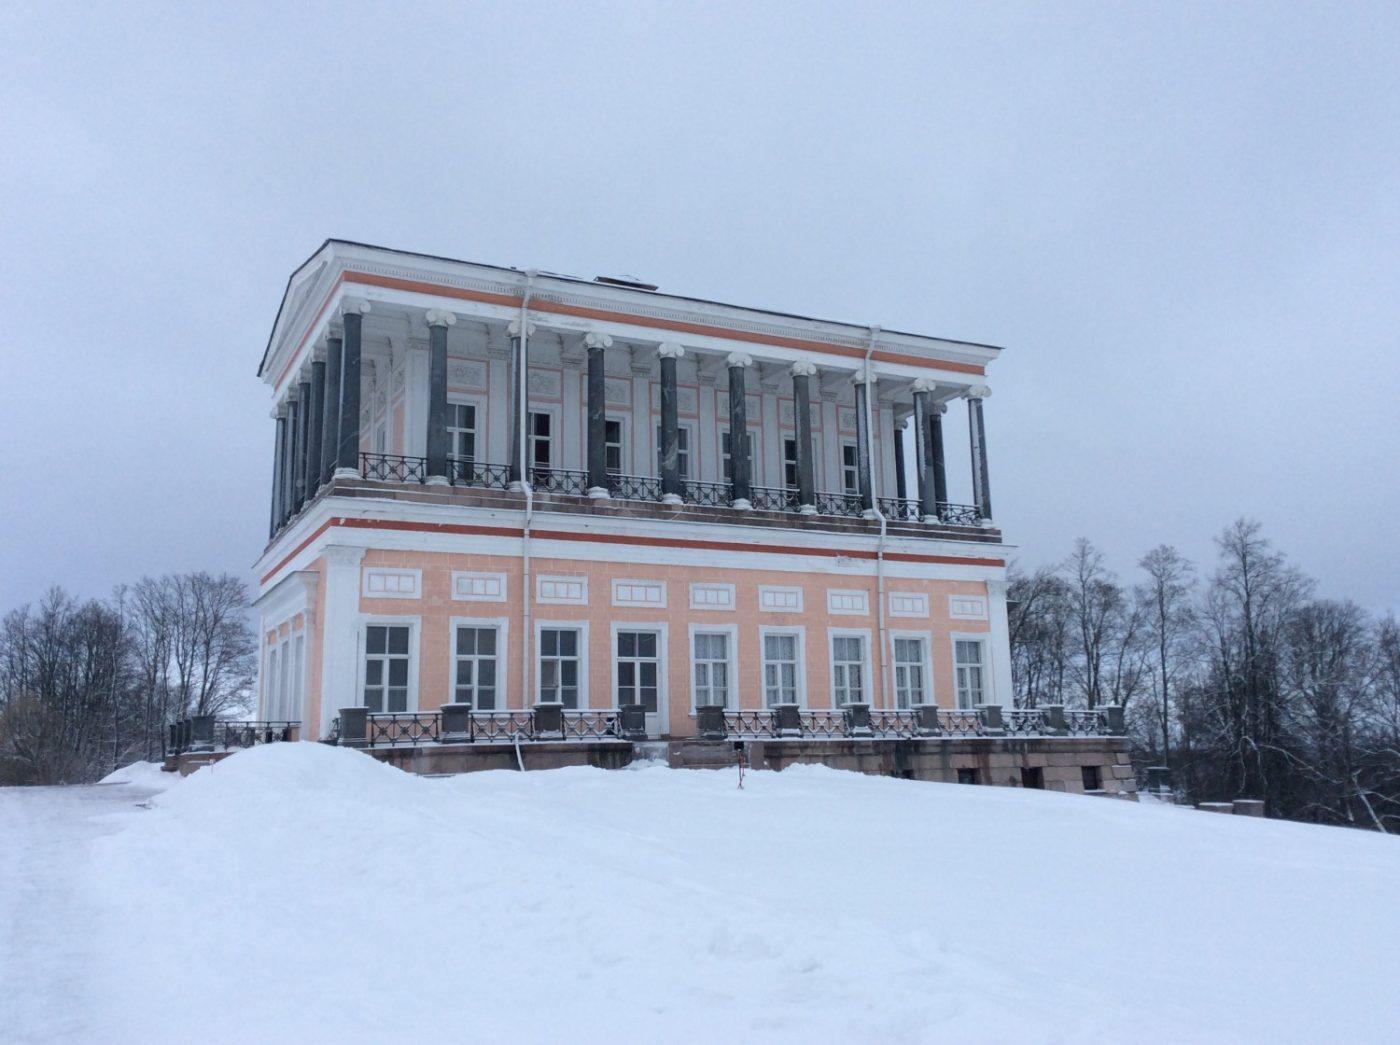 Бельведер – Античный дворец на Бабигонских высотах